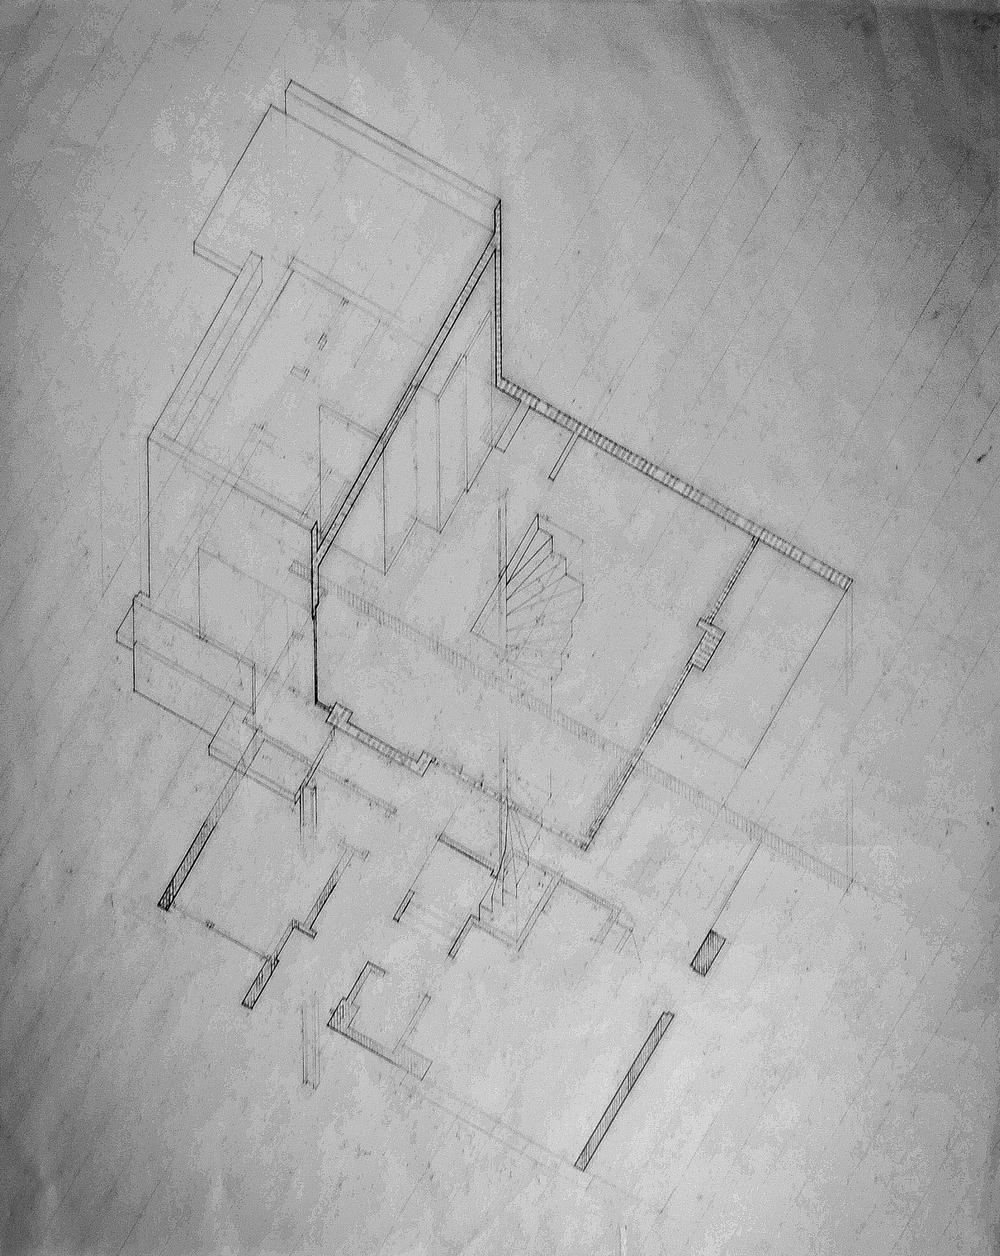 Hybrid plan, section, axonometric